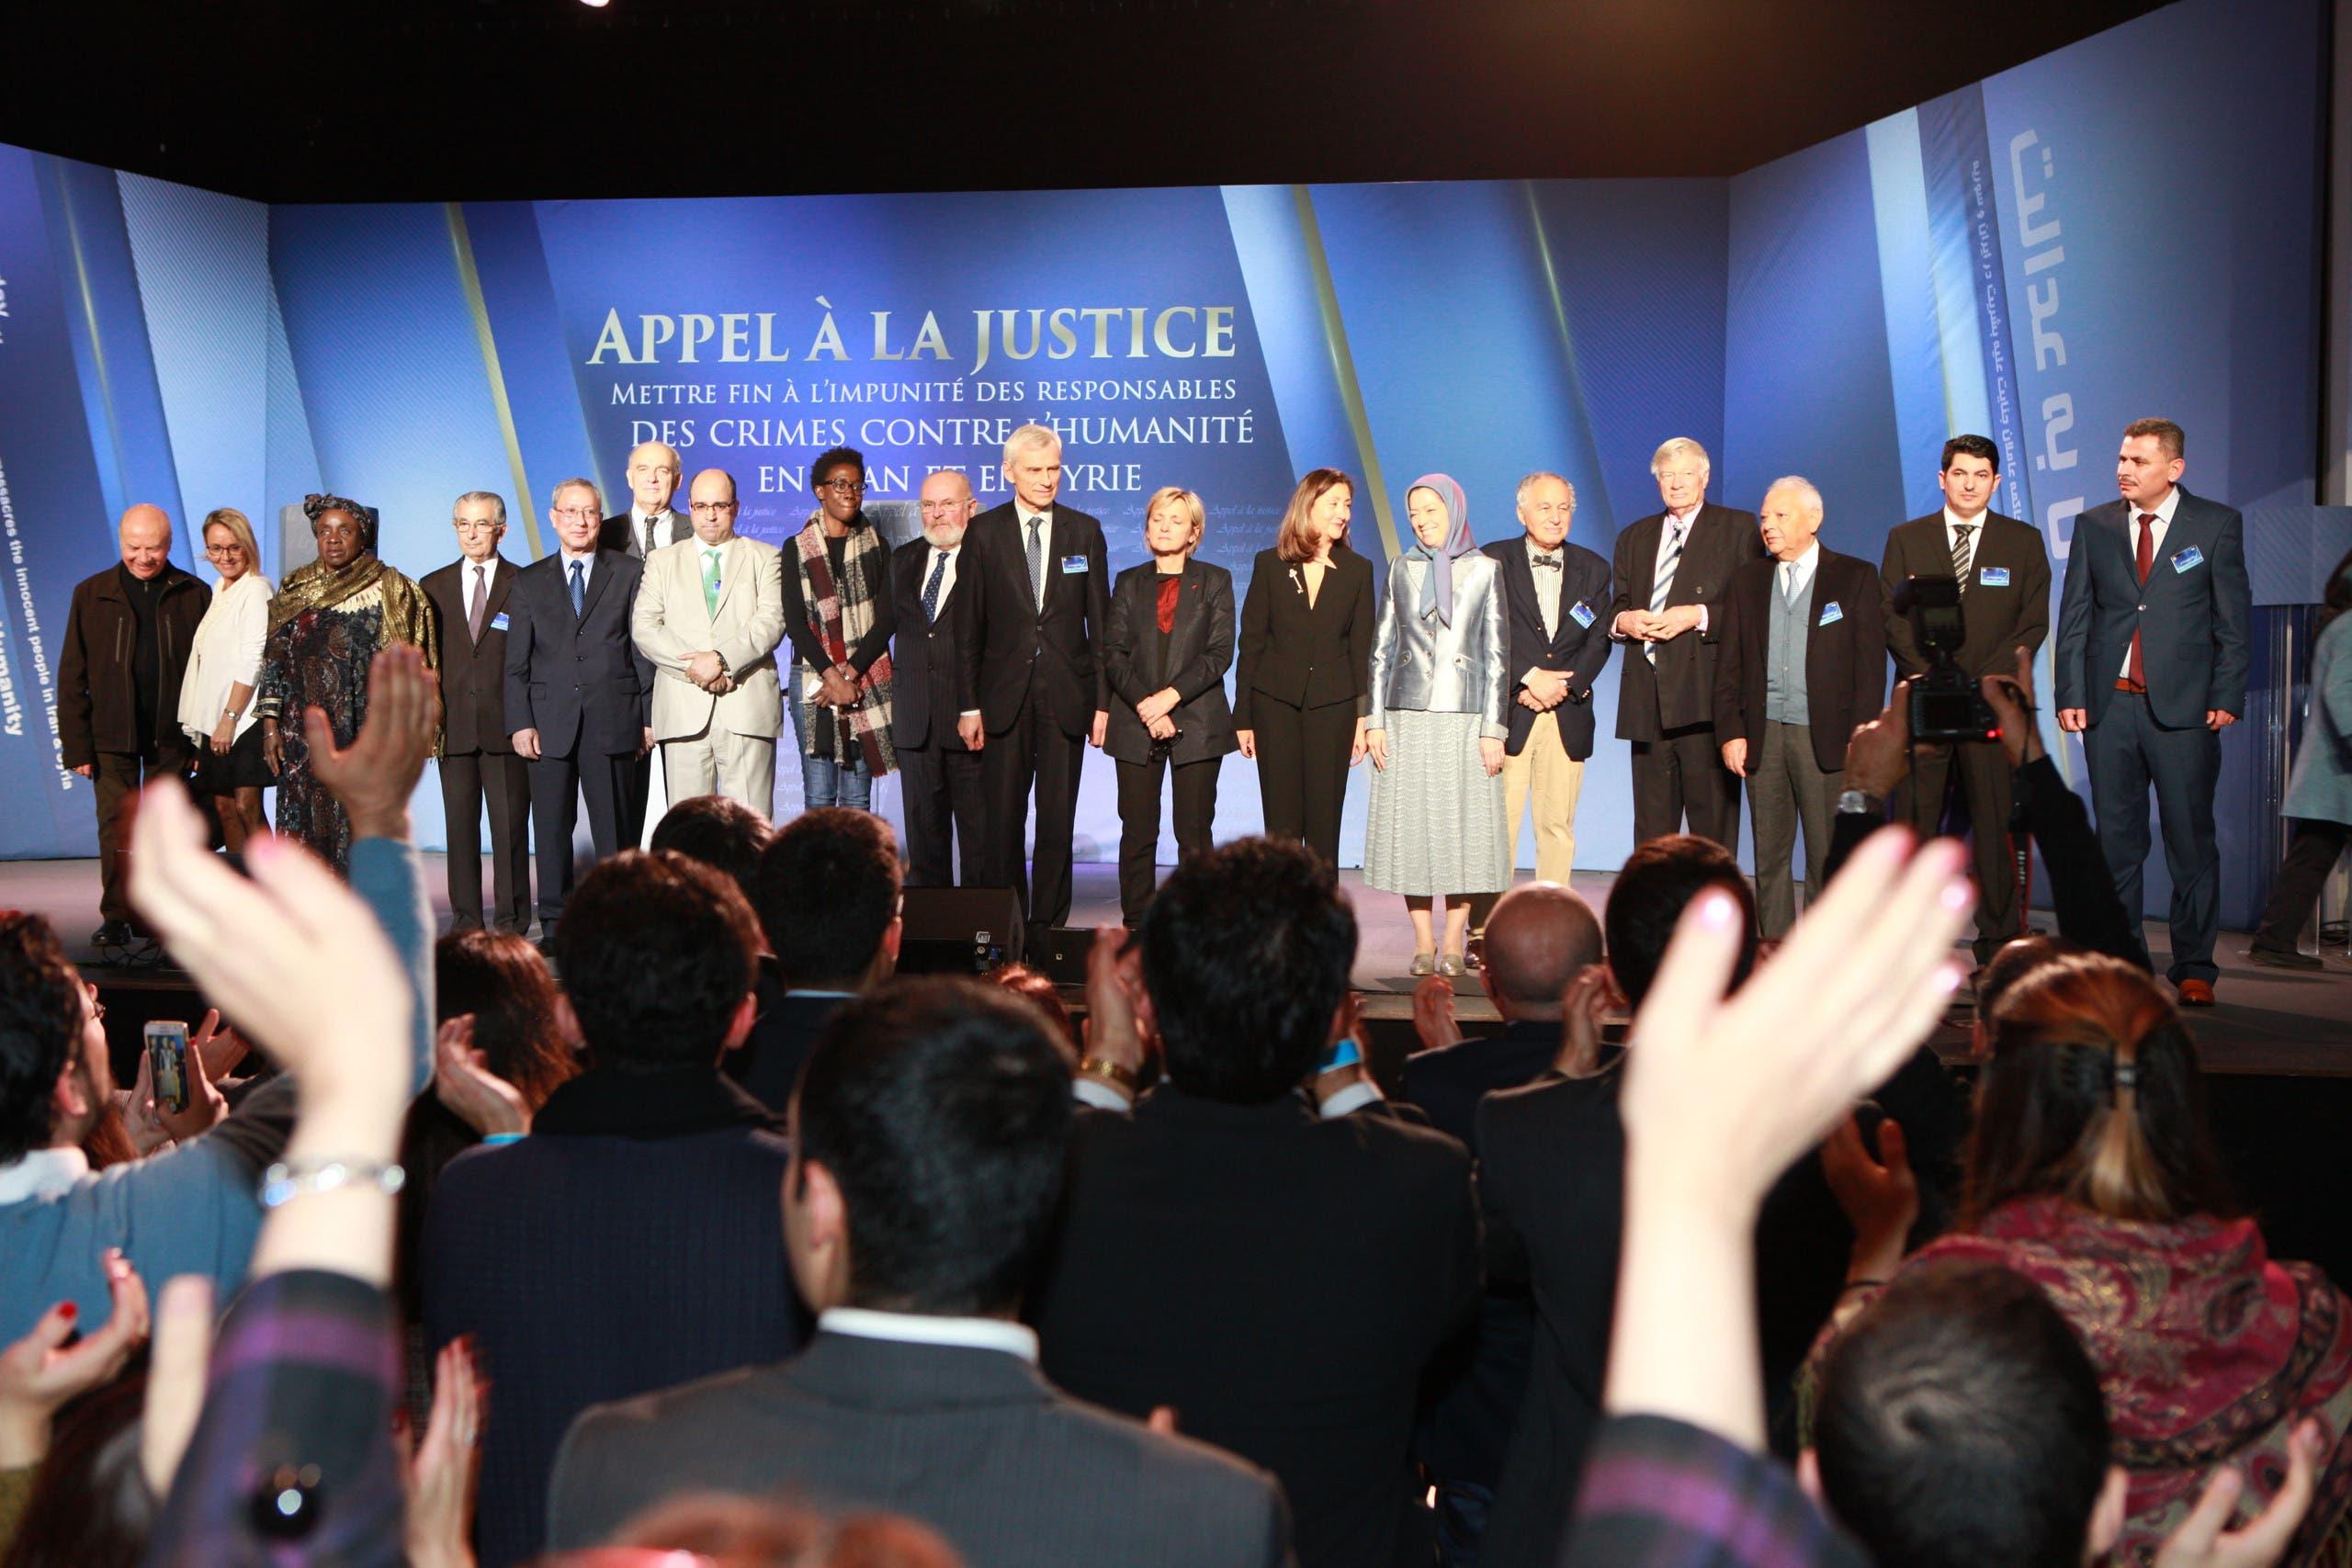 لقطة تذكارية للمشاركين